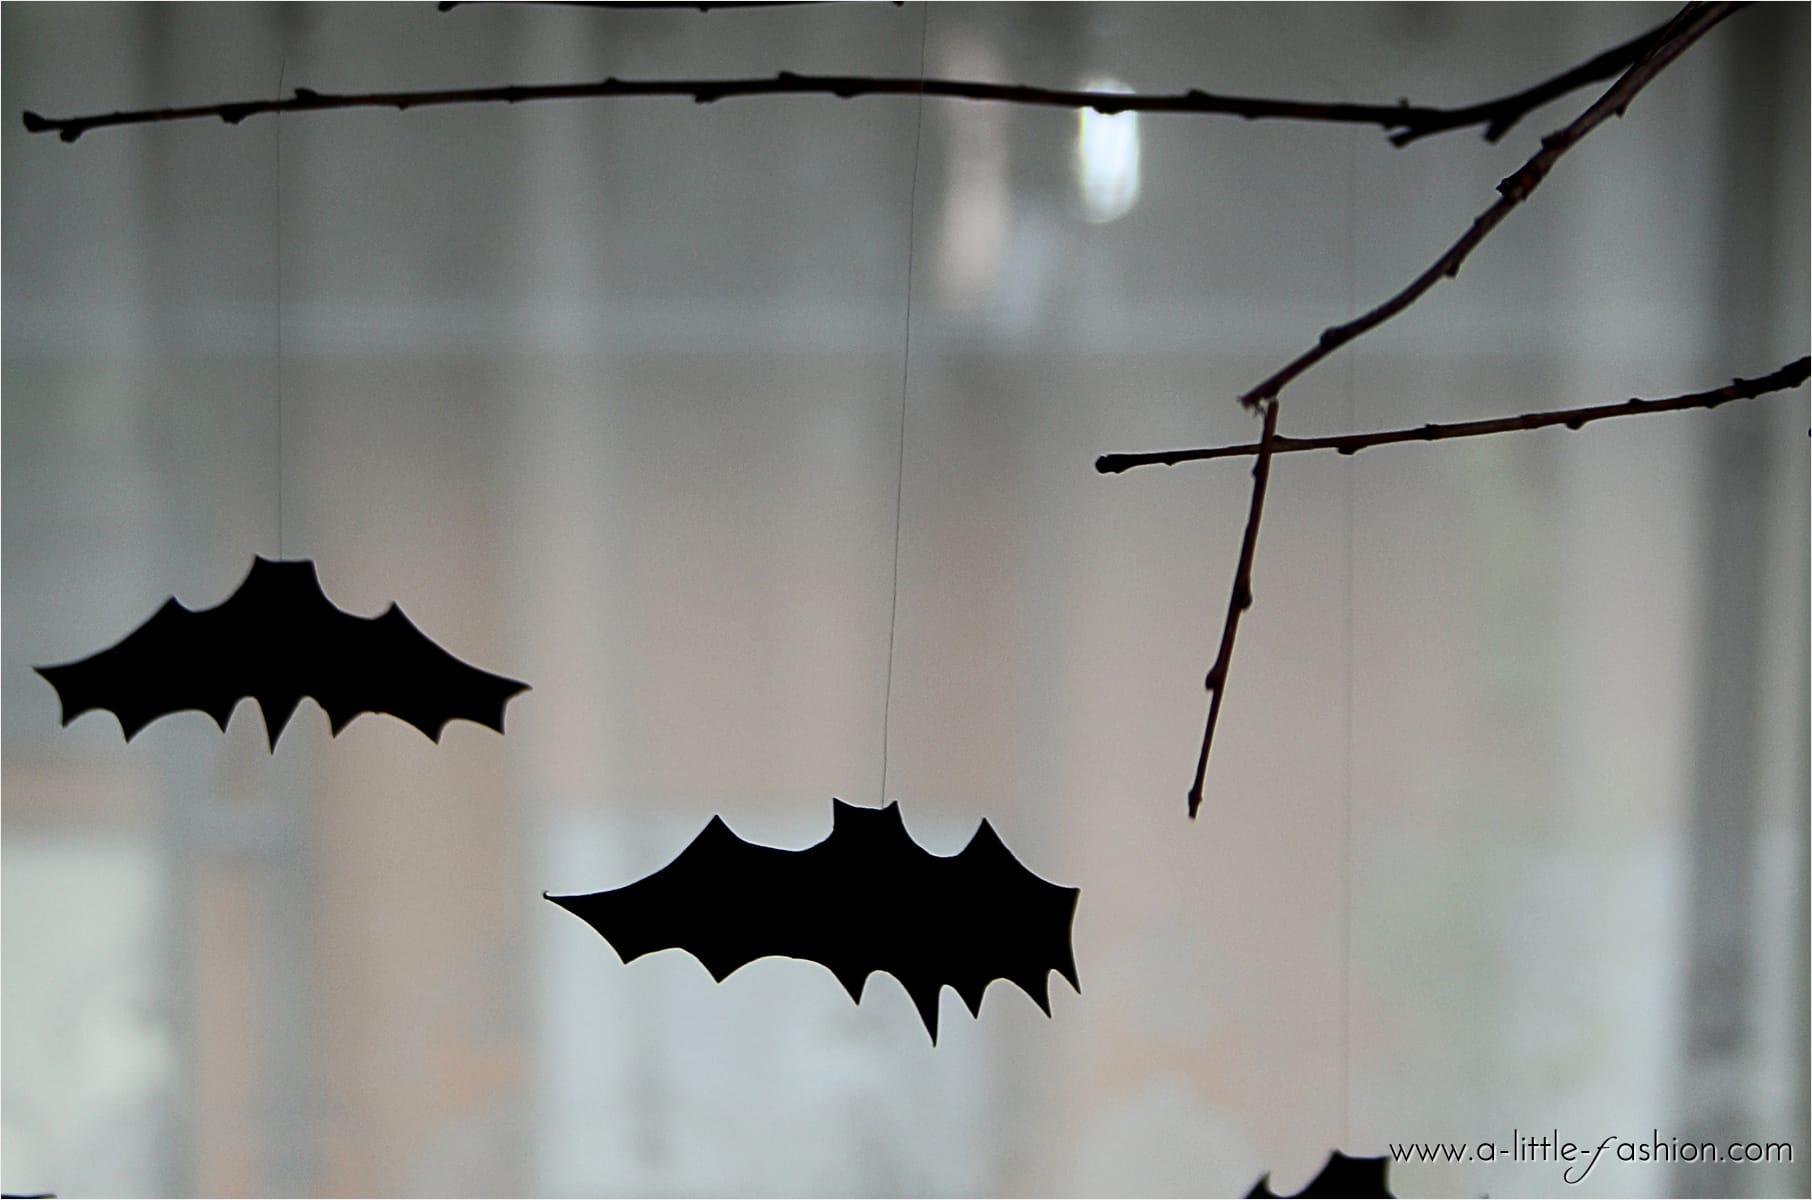 Dekorieren für Halloween mit einfachen Mitteln